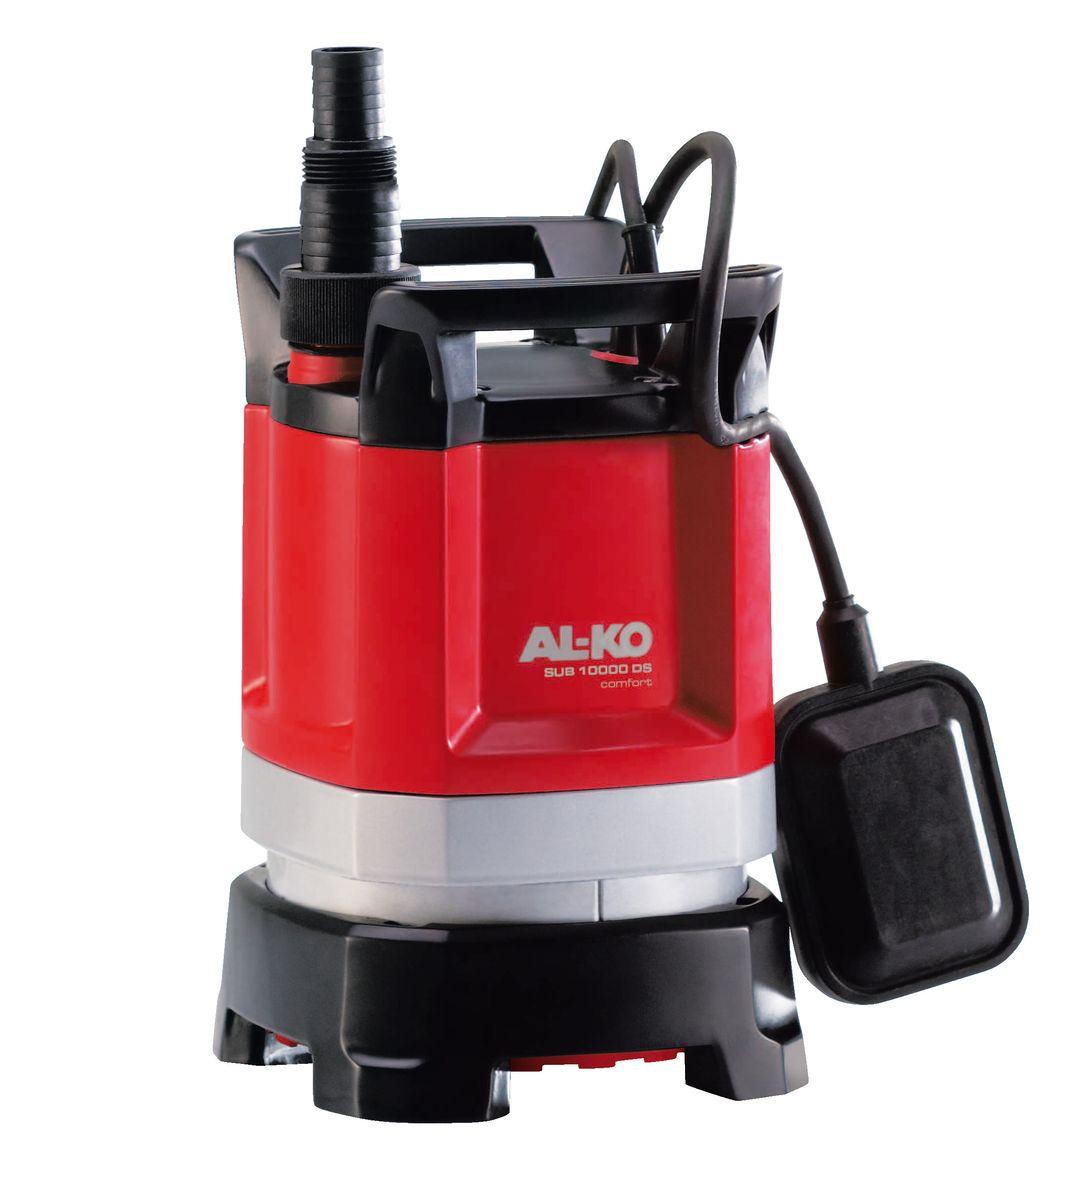 Насос погружной AL-KO SUB 10000 DS Comfort112823Погружной насос AL-KO SUB 10000 DS Comfort обладает такими качествами, как надежность, комфорт и мощность. Не подверженные ржавчине стальные валы, не требующие смазки и техобслуживания шарикоподшипники, трехслойный сальник и прочный корпус обеспечивают погружному насосу надежность и долговечность. К универсальному разъему можно подключить любой стандартный шланг. Выпускное отверстие в верхней части насоса обеспечивает оптимальное охлаждение двигателя в режиме откачивания воды до минимального уровня. С помощью свободно регулируемого держателя поплавкового выключателя можно легко и быстро установить его на выбранном вами уровне для автоматического включения и выключения насоса. С погружным насосом у вас есть выбор: благодаря регулируемому основанию и большим впускным отверстиям можно не только быстро перекачать большой объем воды, но и откачать воду до минимального уровня - около 3 мм.Вид привода: электрический.Откачивание до минимального уровня: 3 мм.Длина кабеля: 10 м.Мощность: 450 Вт.Максимальная глубина погружения: 5 м.Максимальная высота всасывания: 7 м.Максимальный объем подачи: 8000 л/час.Диаметр выходного отверстия: 1,25.